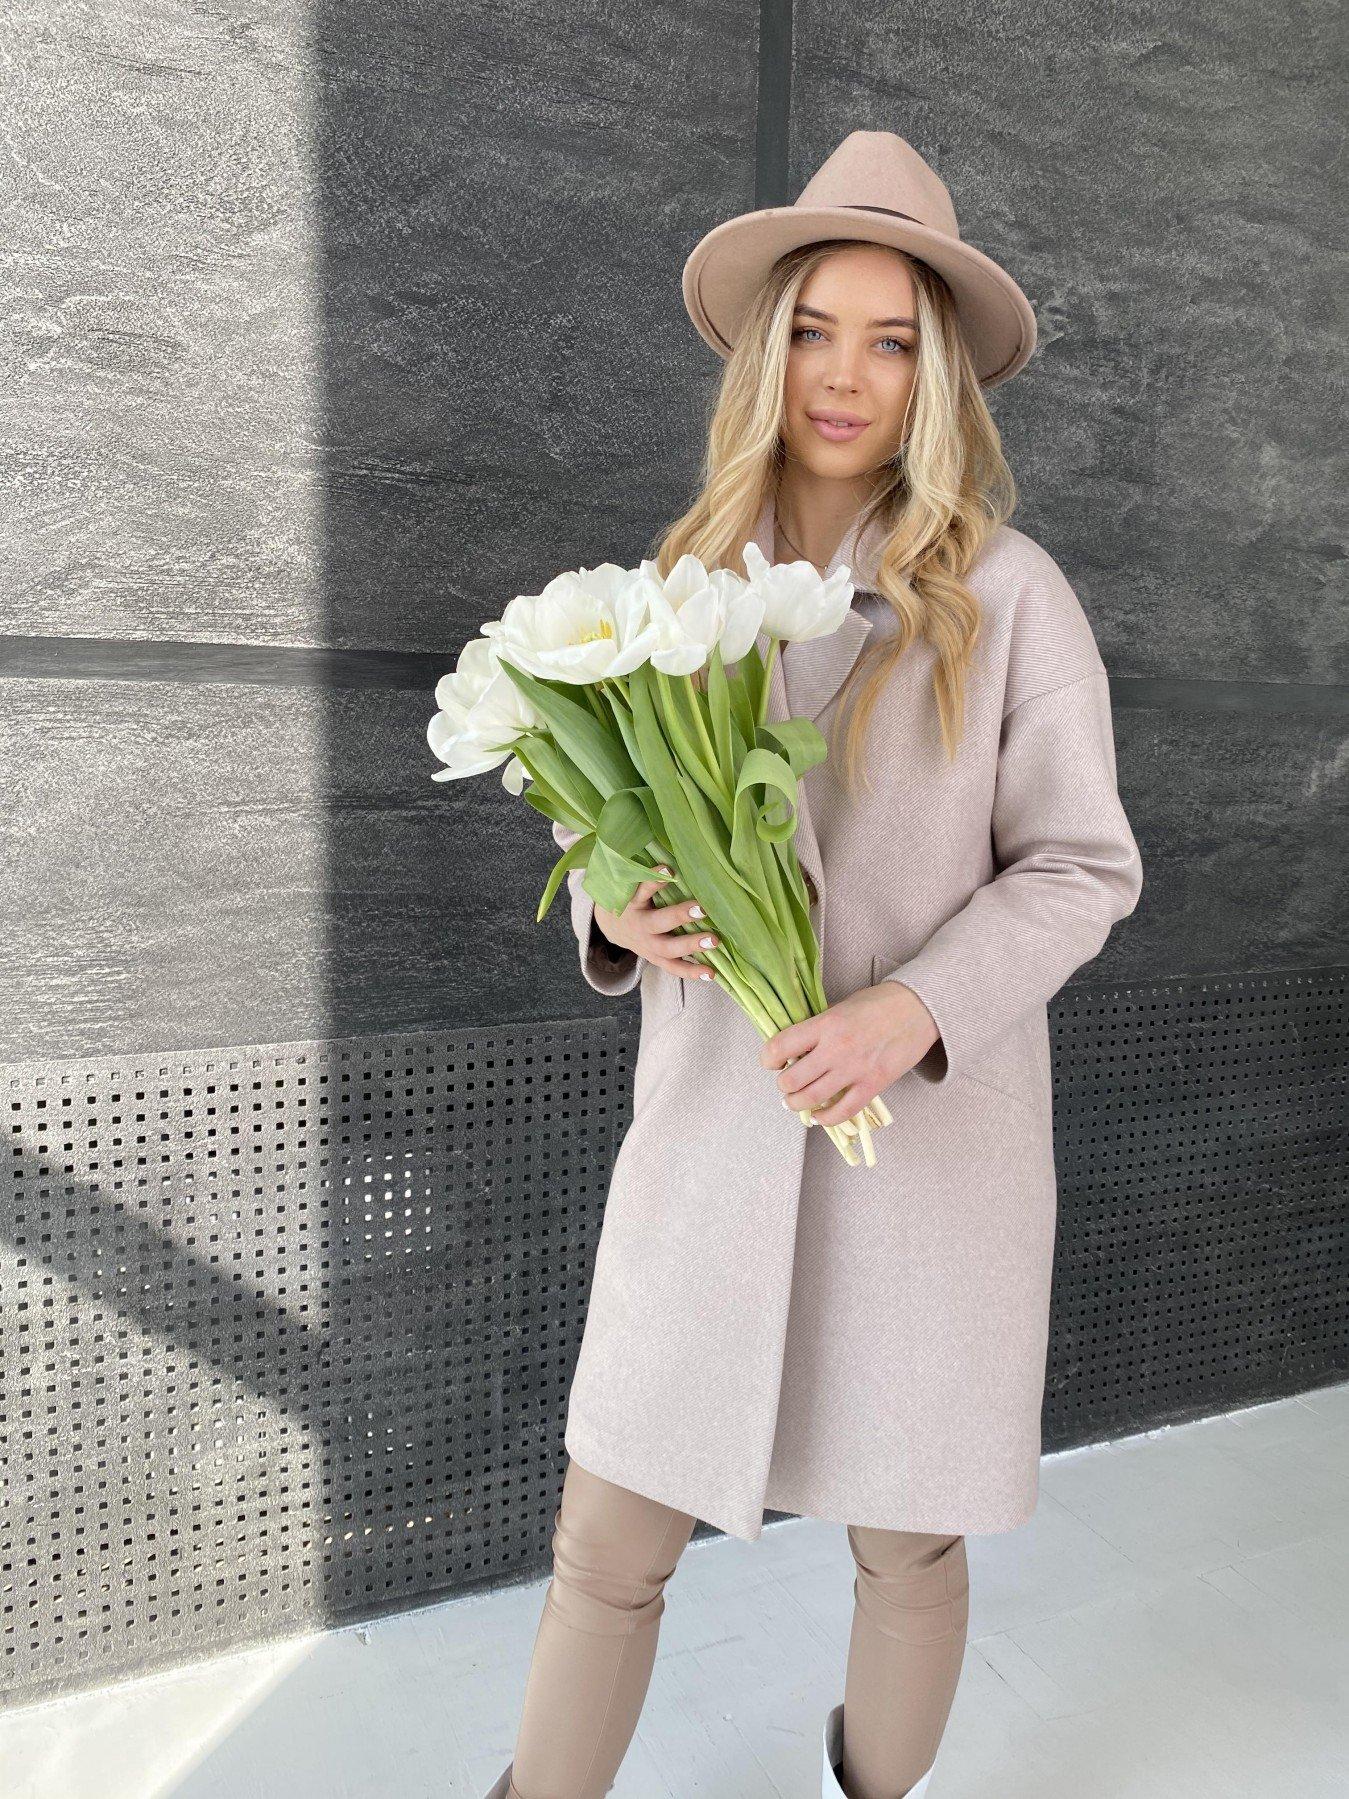 Сенсей диагональ  пальто 10661 АРТ. 47063 Цвет: Бежевый - фото 1, интернет магазин tm-modus.ru